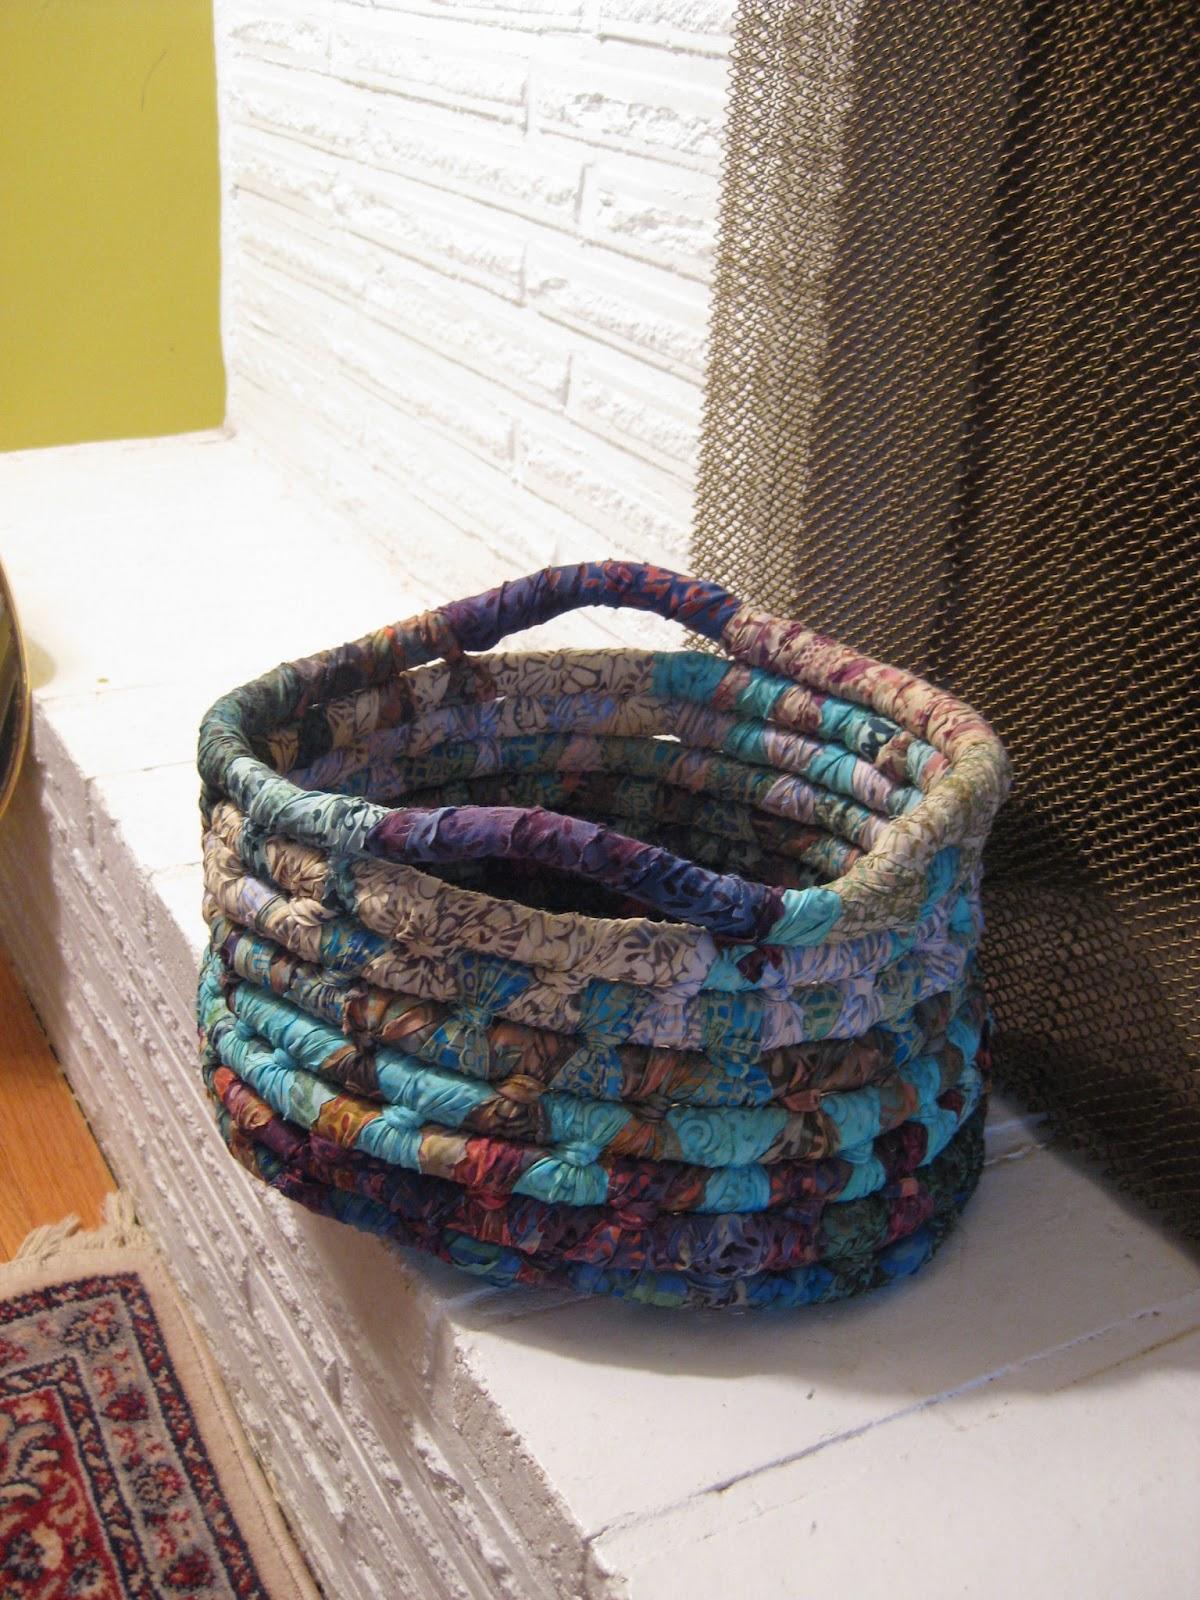 janae king designs rope basket tutorial. Black Bedroom Furniture Sets. Home Design Ideas